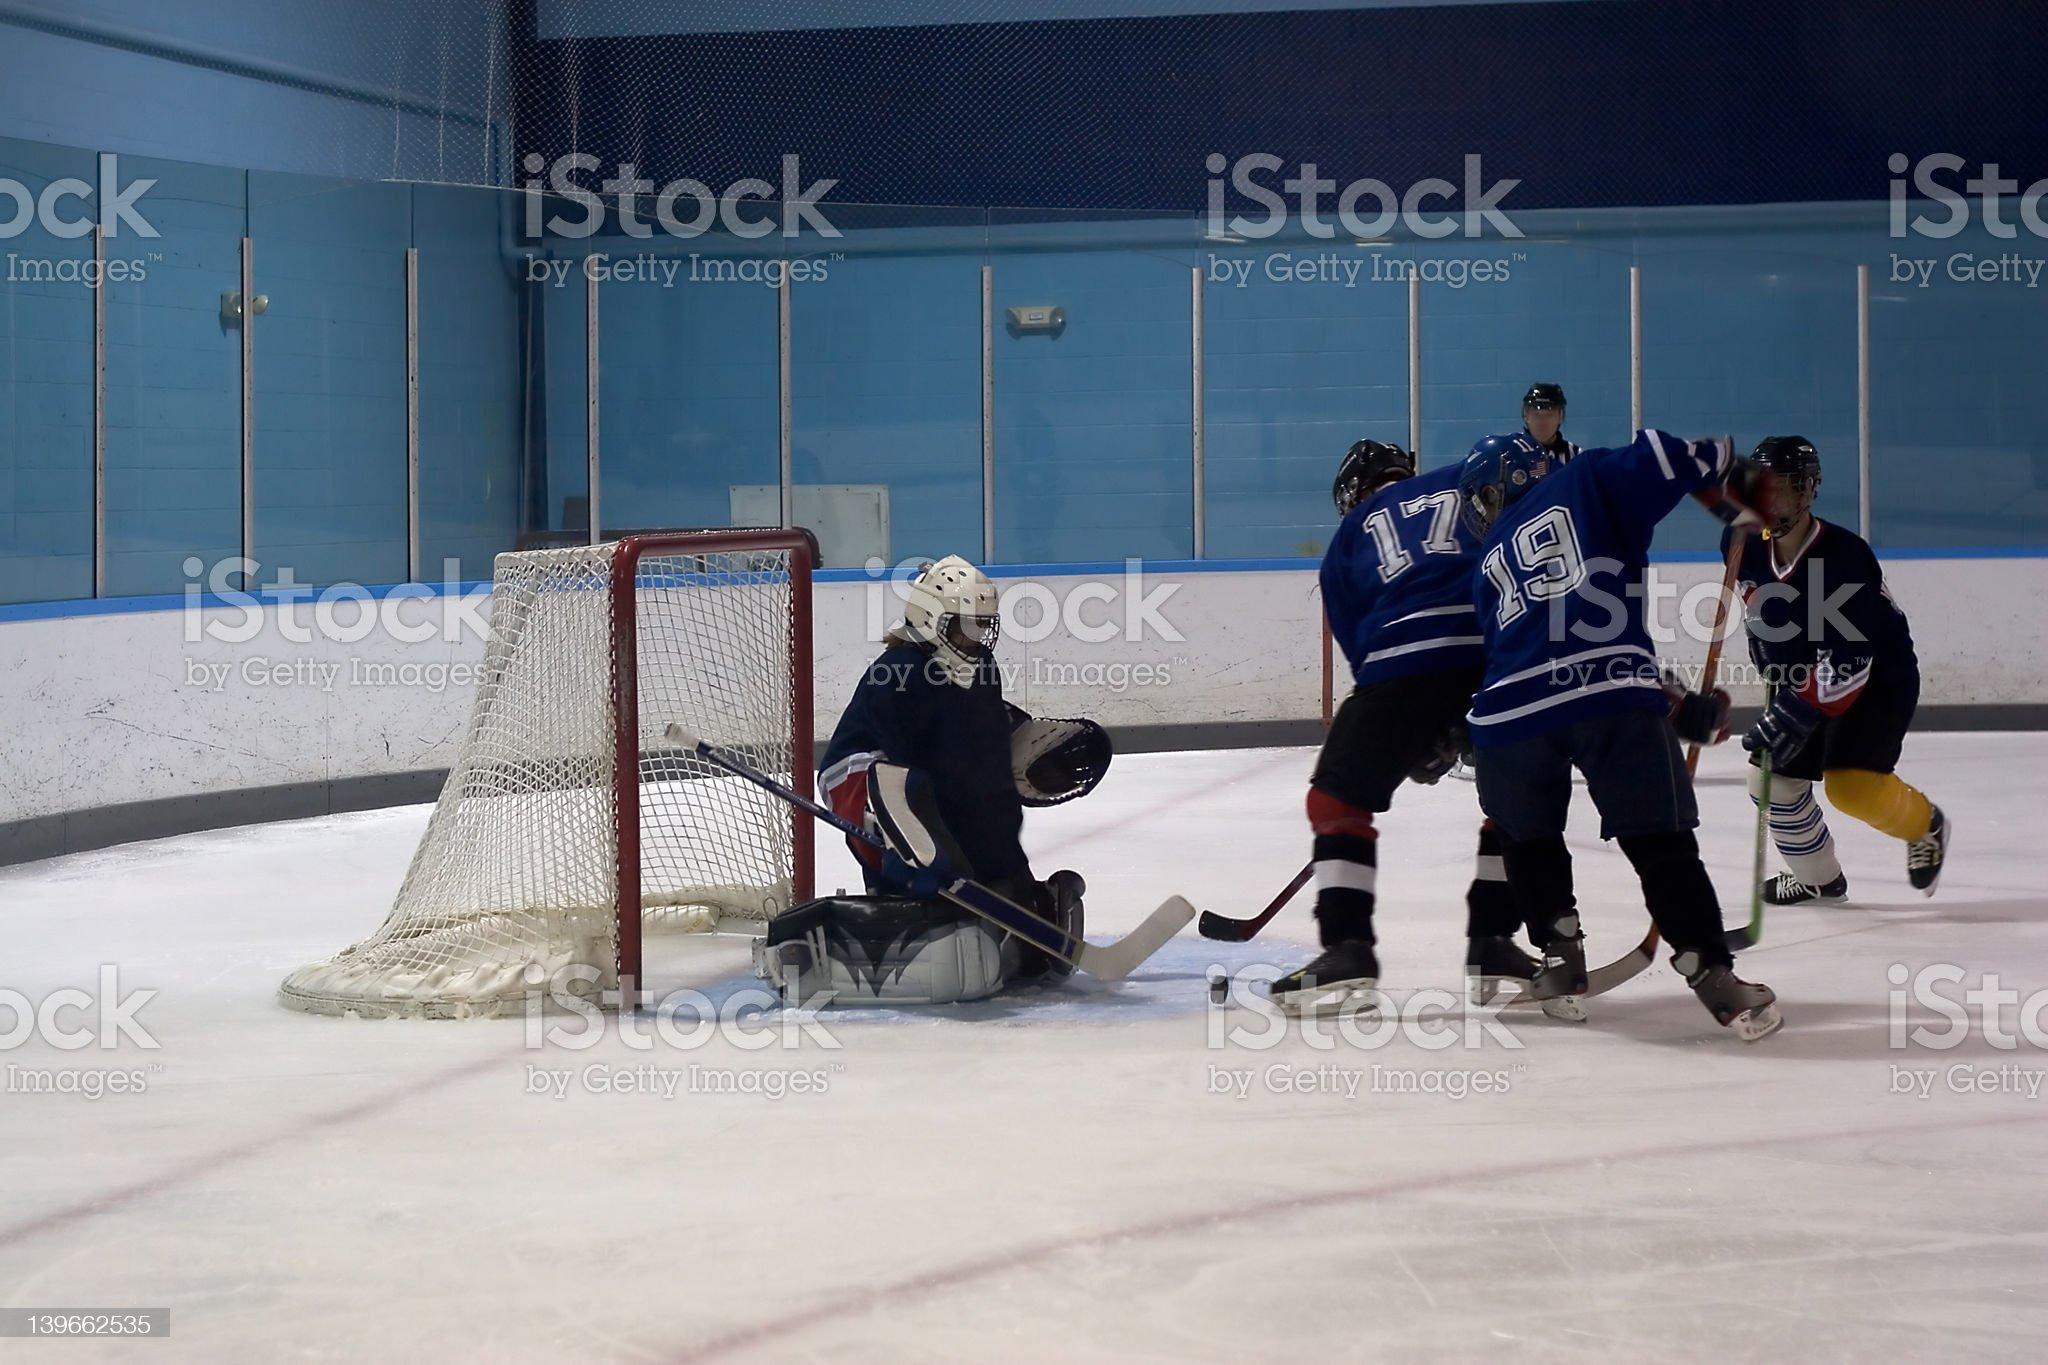 Hockey Action royalty-free stock photo